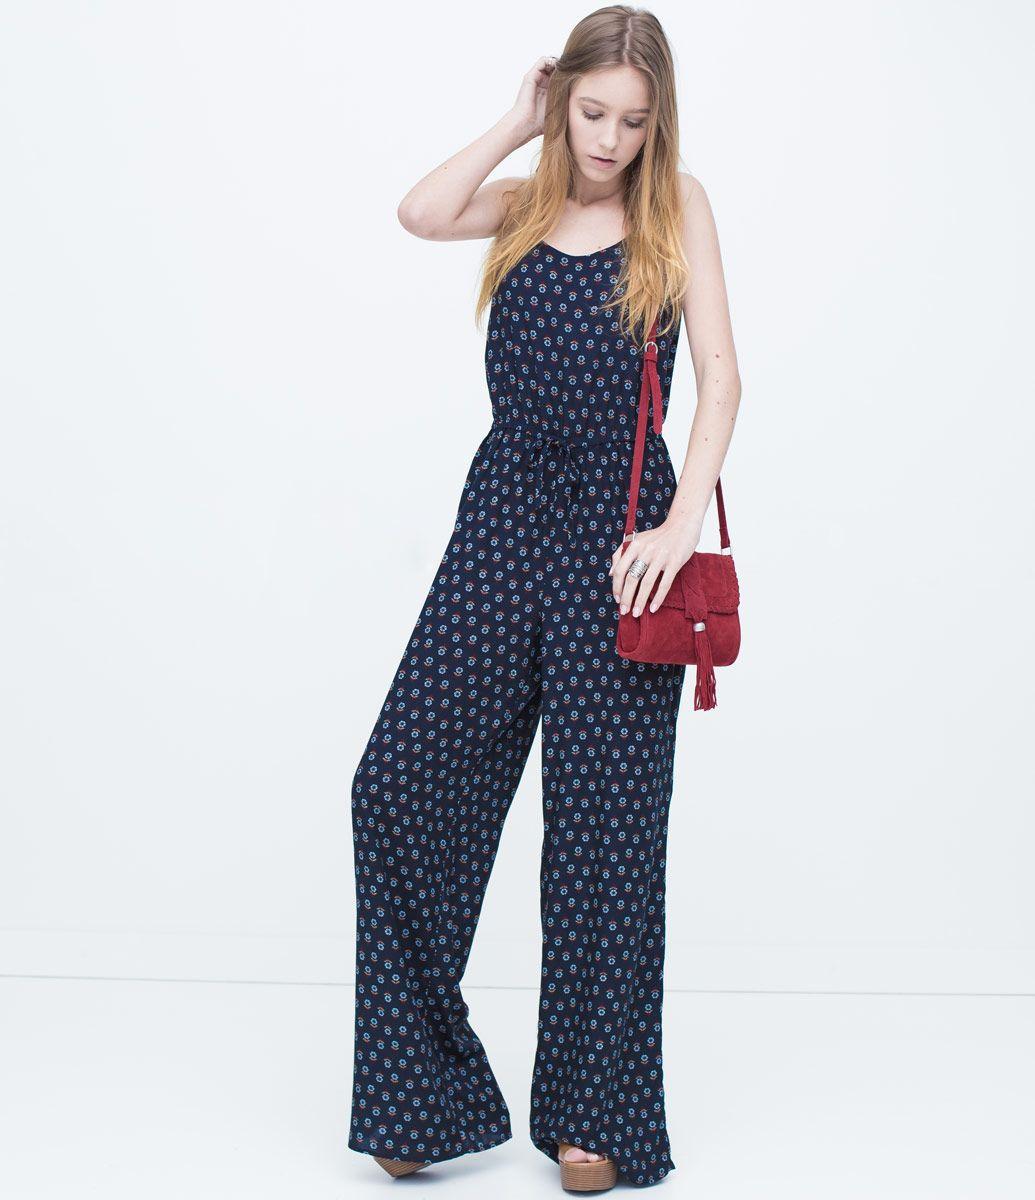 257565af0 Macacão Longo Feminino Estampado - Lojas Renner | style ideas ...